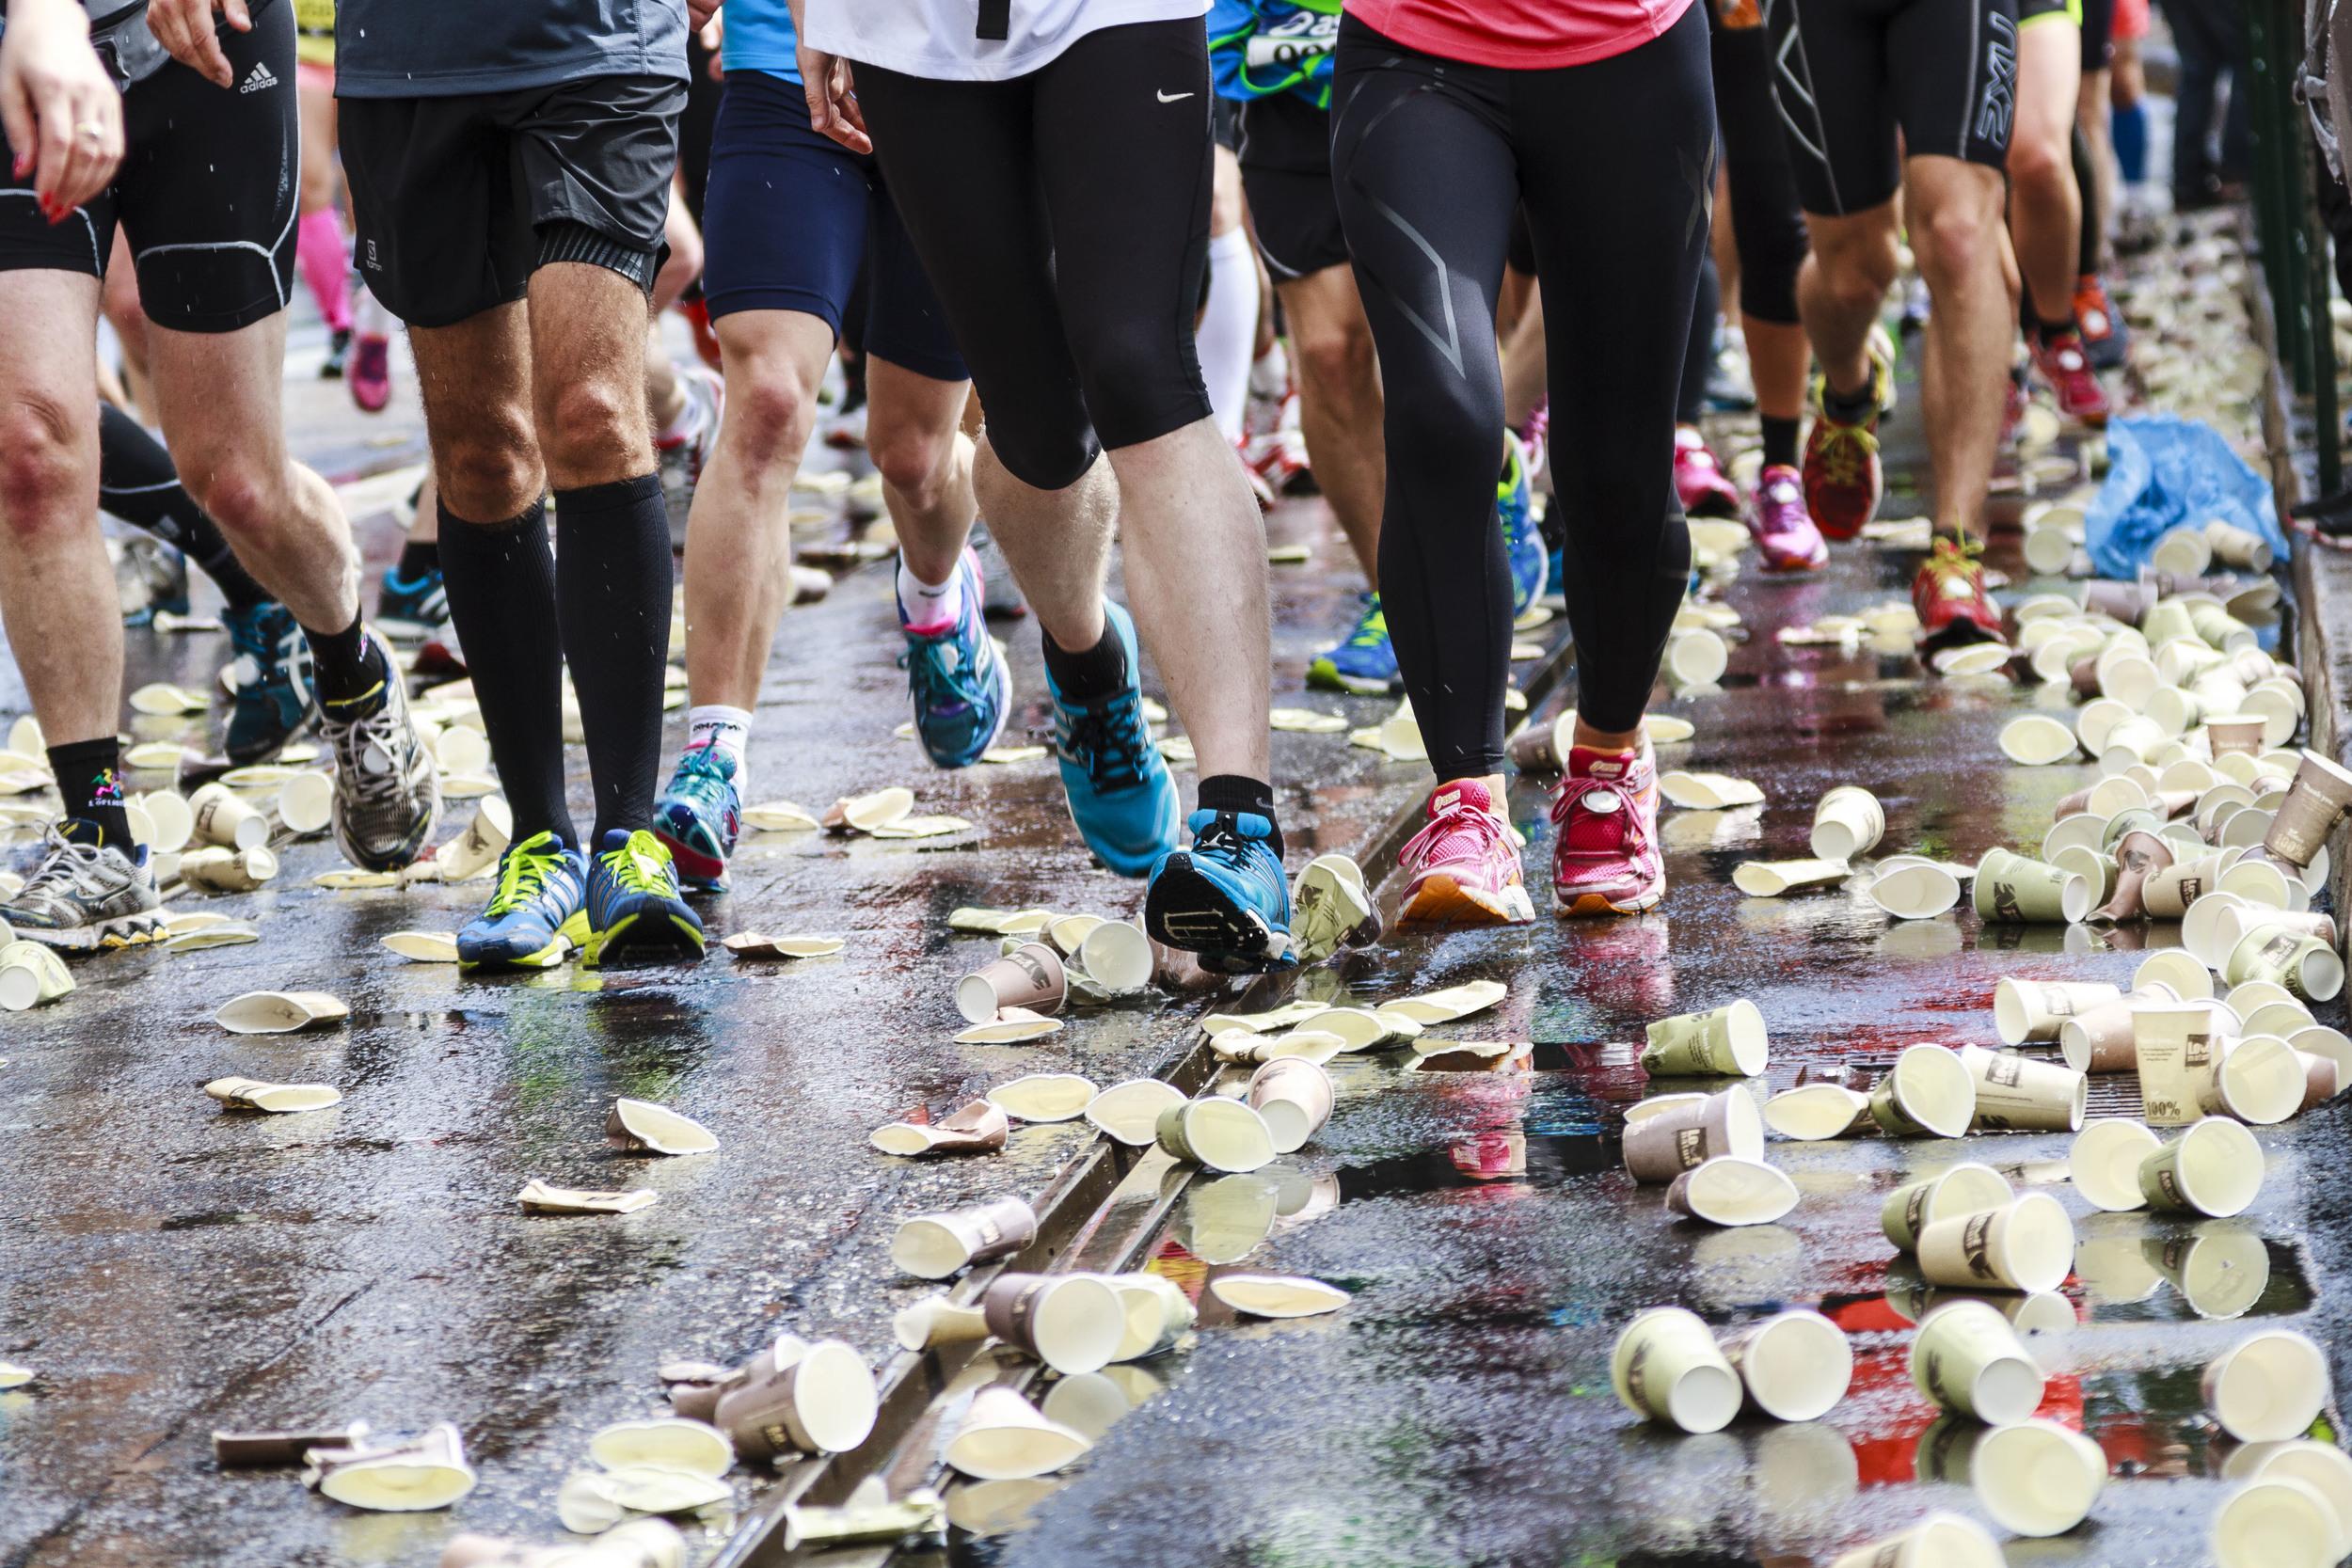 Thirsty runners.